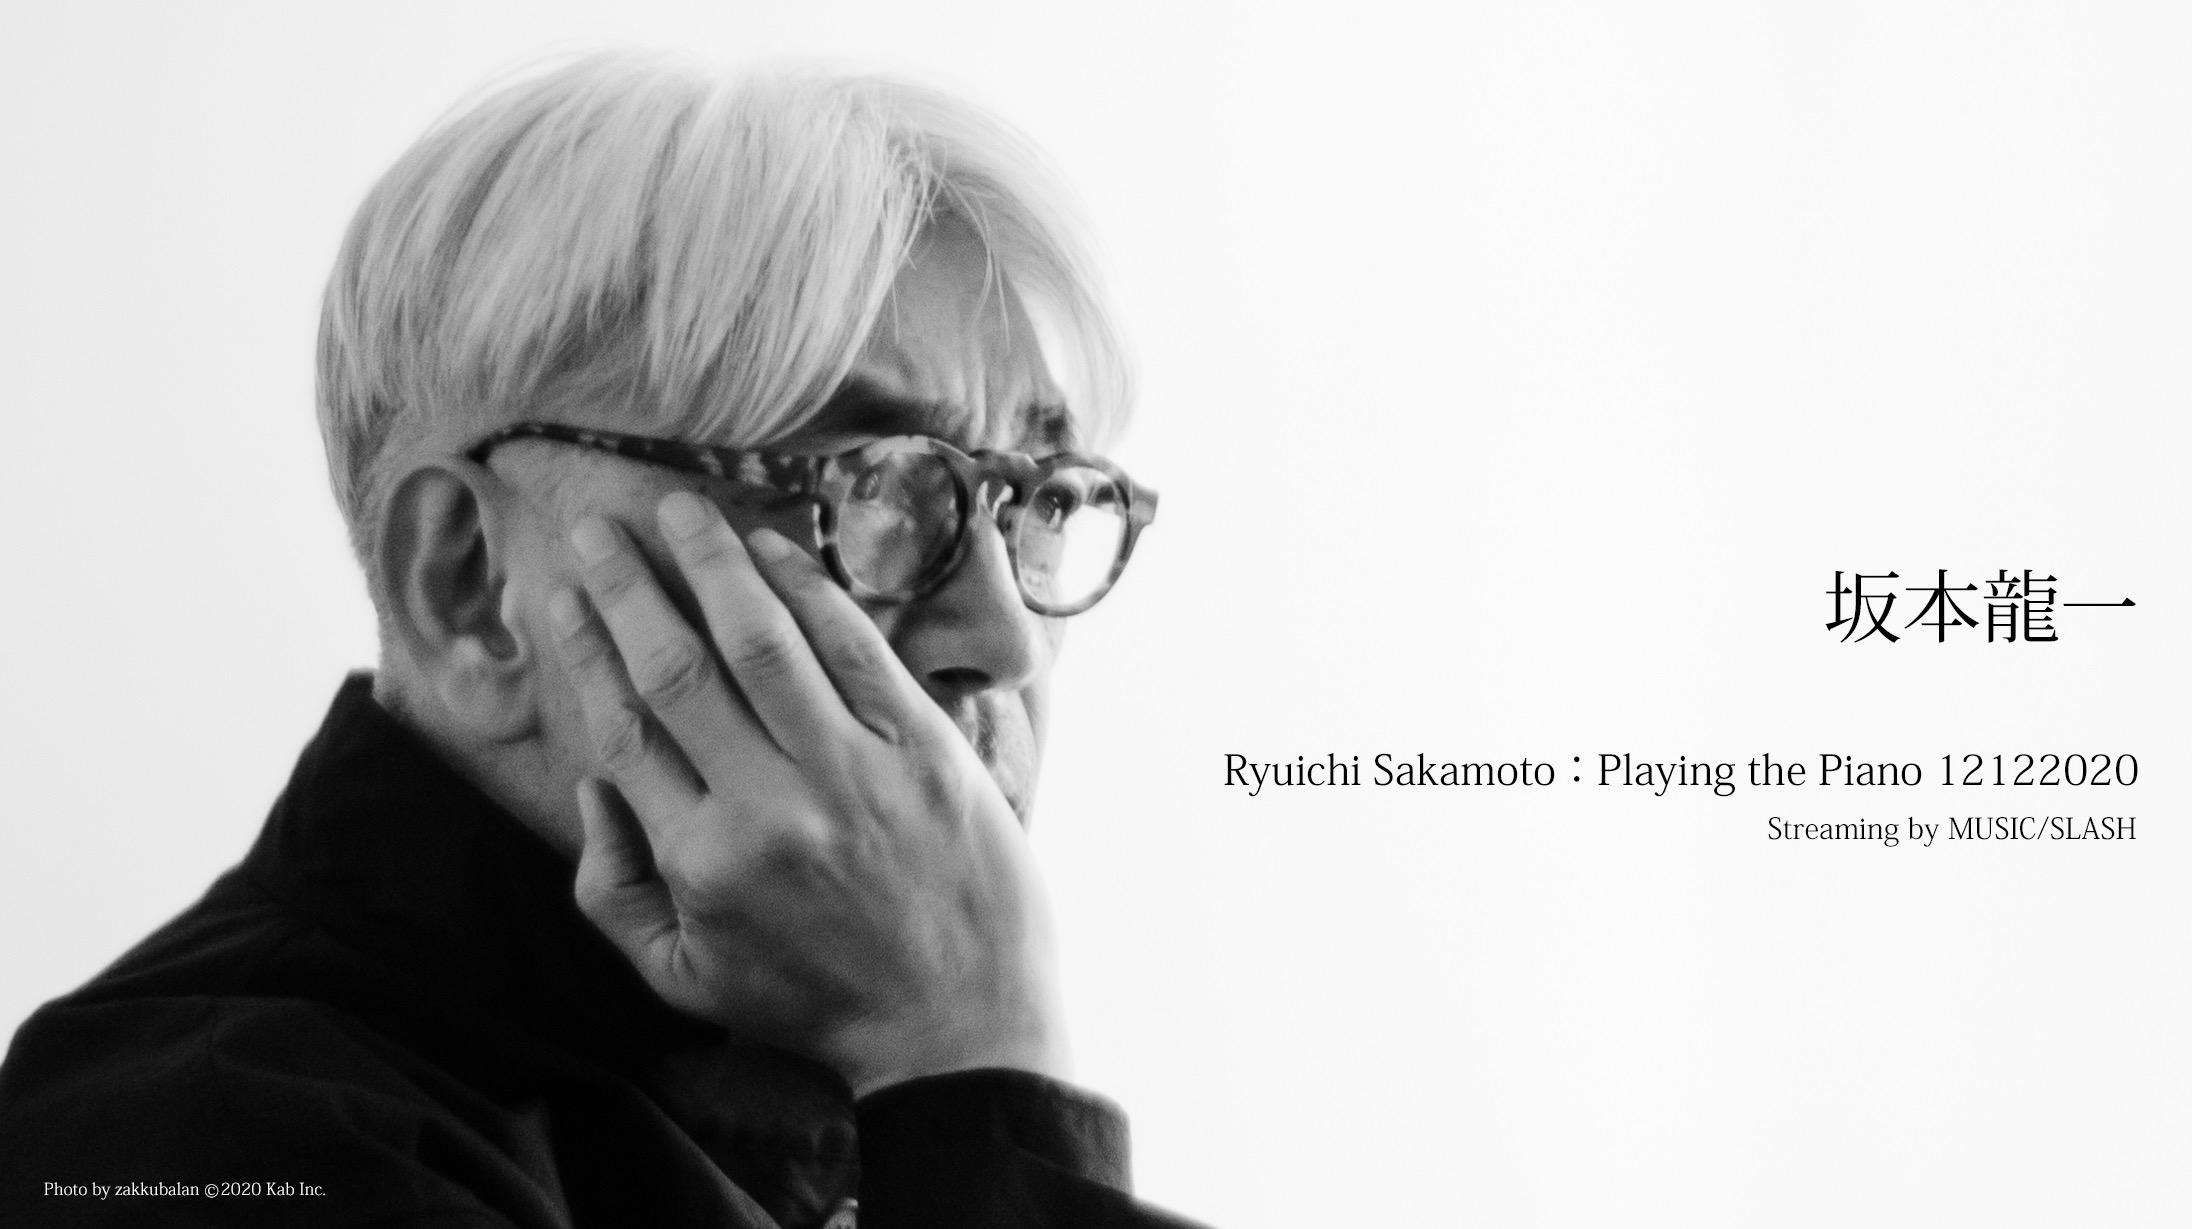 Ryuichi Sakamoto: Playing the Piano 12122020